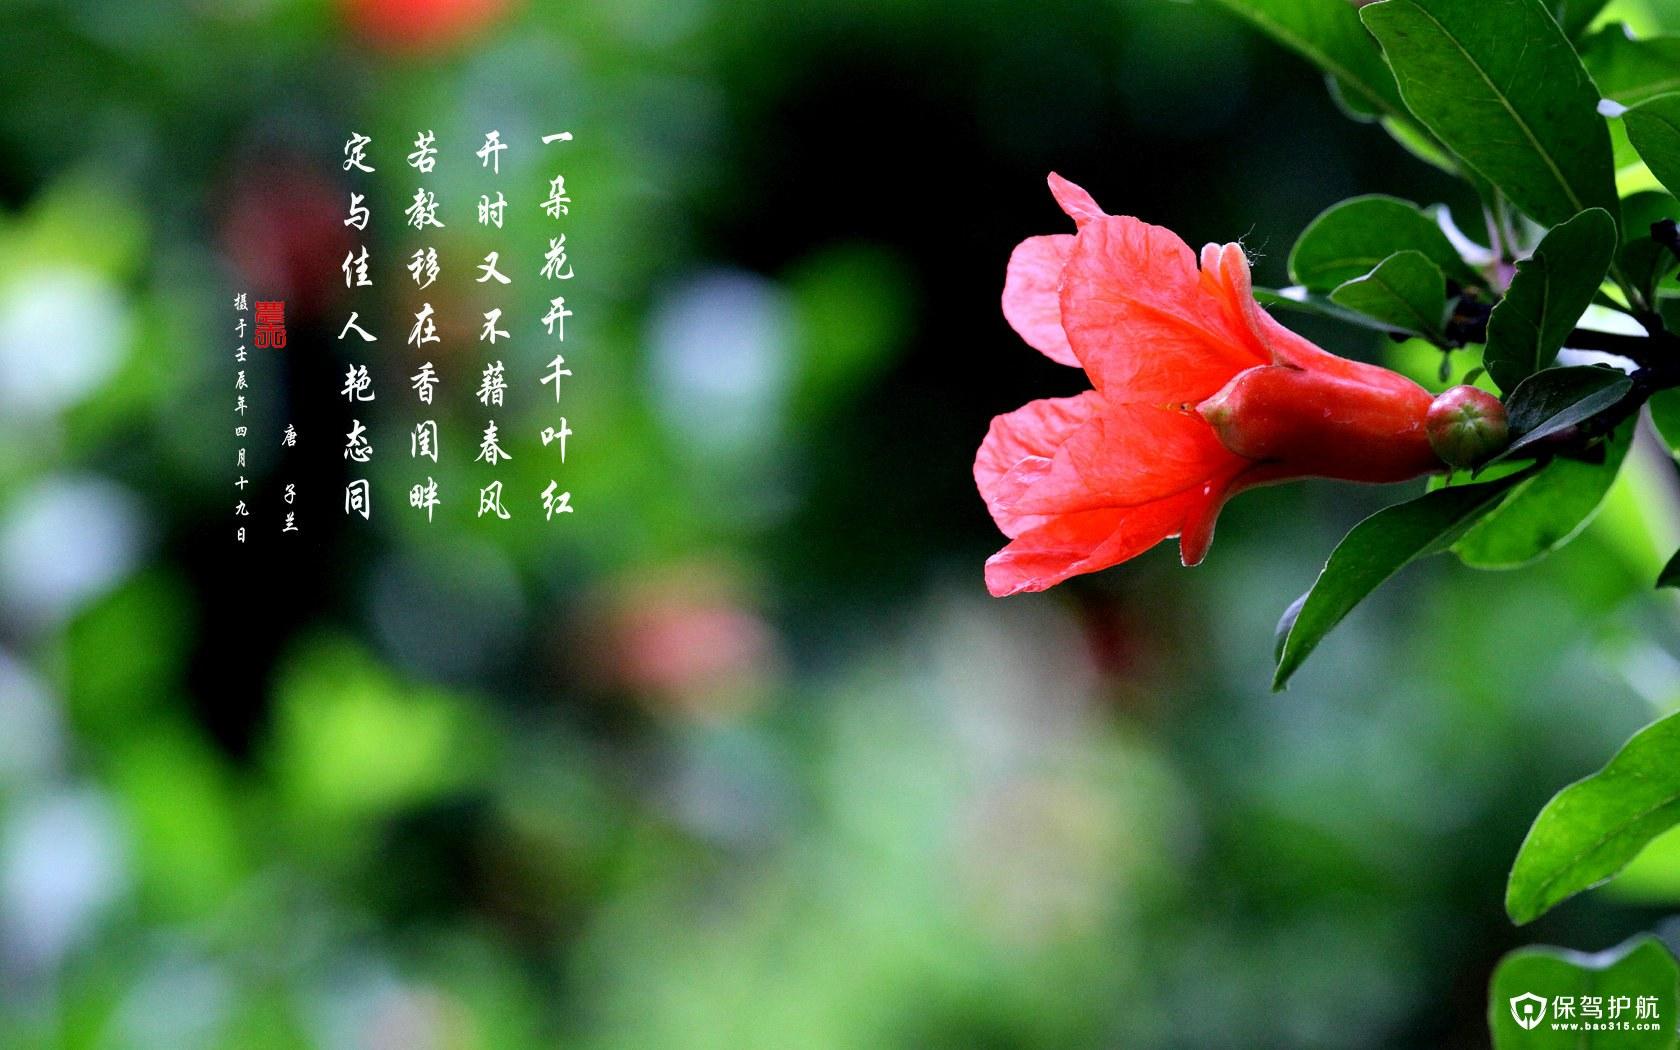 石榴何时开花,石榴花语是什么